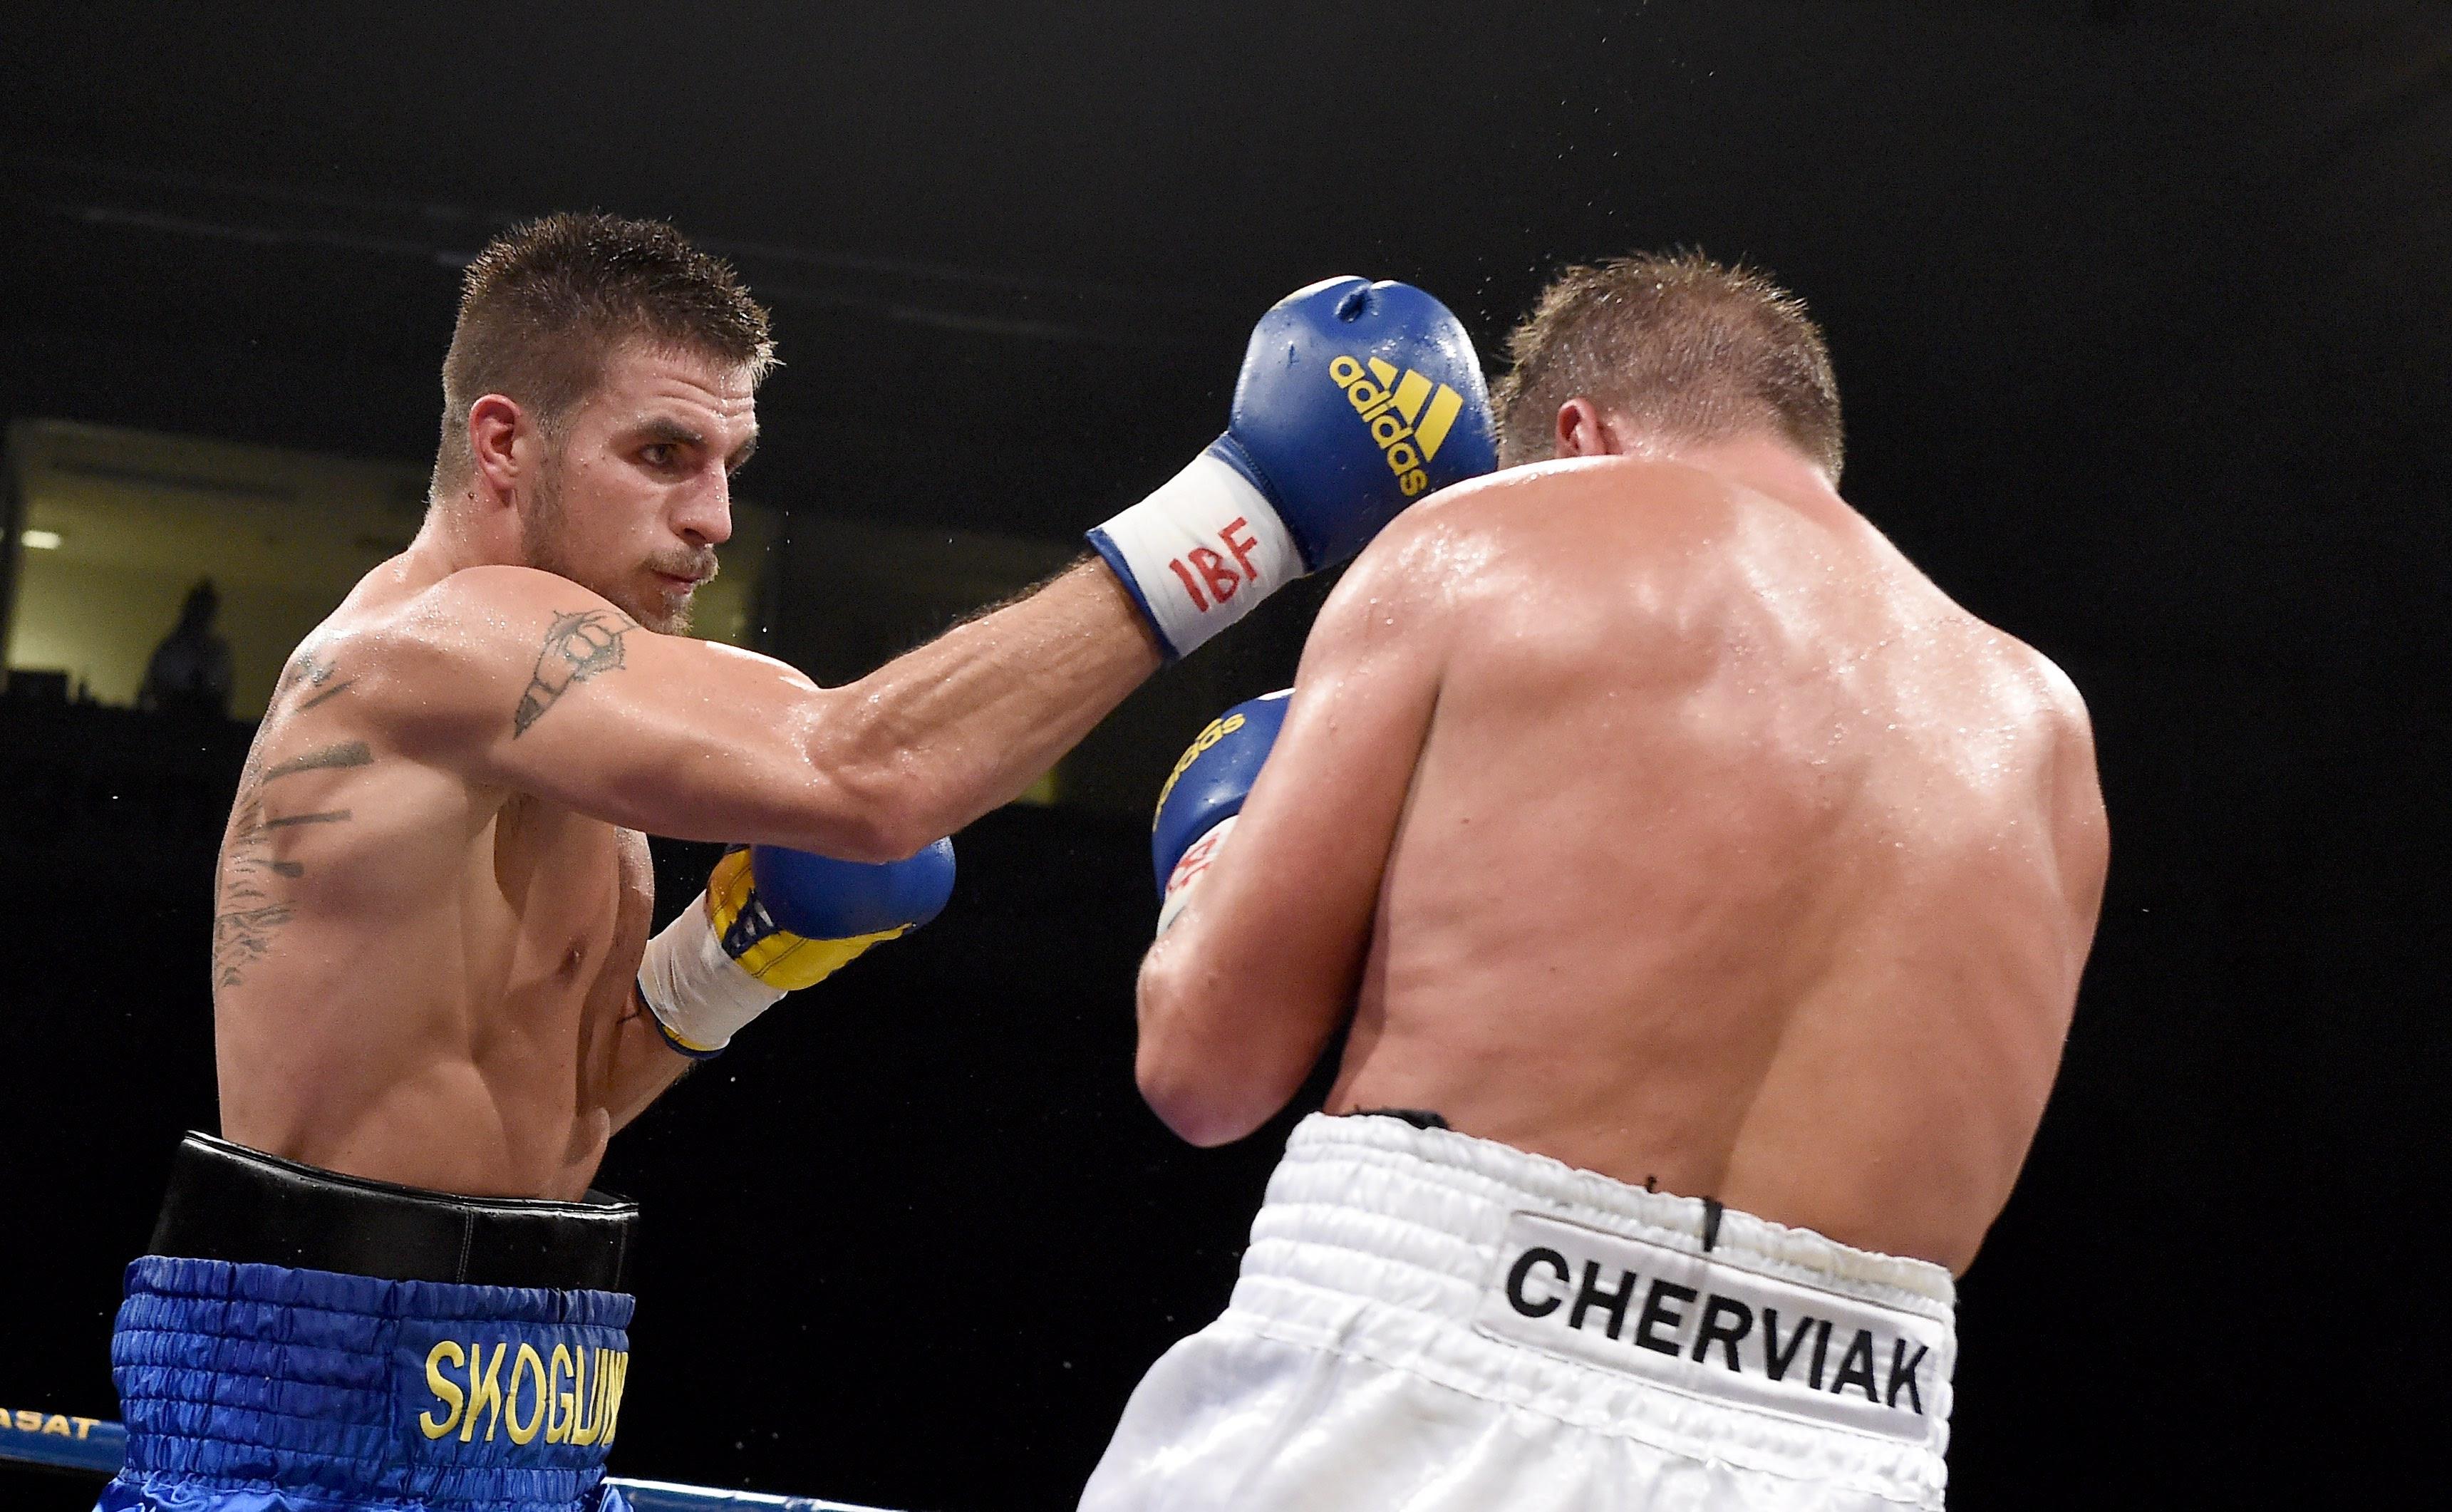 Erik Skoglund looking to make statement against Derek Edwards & fight for a title next year ...